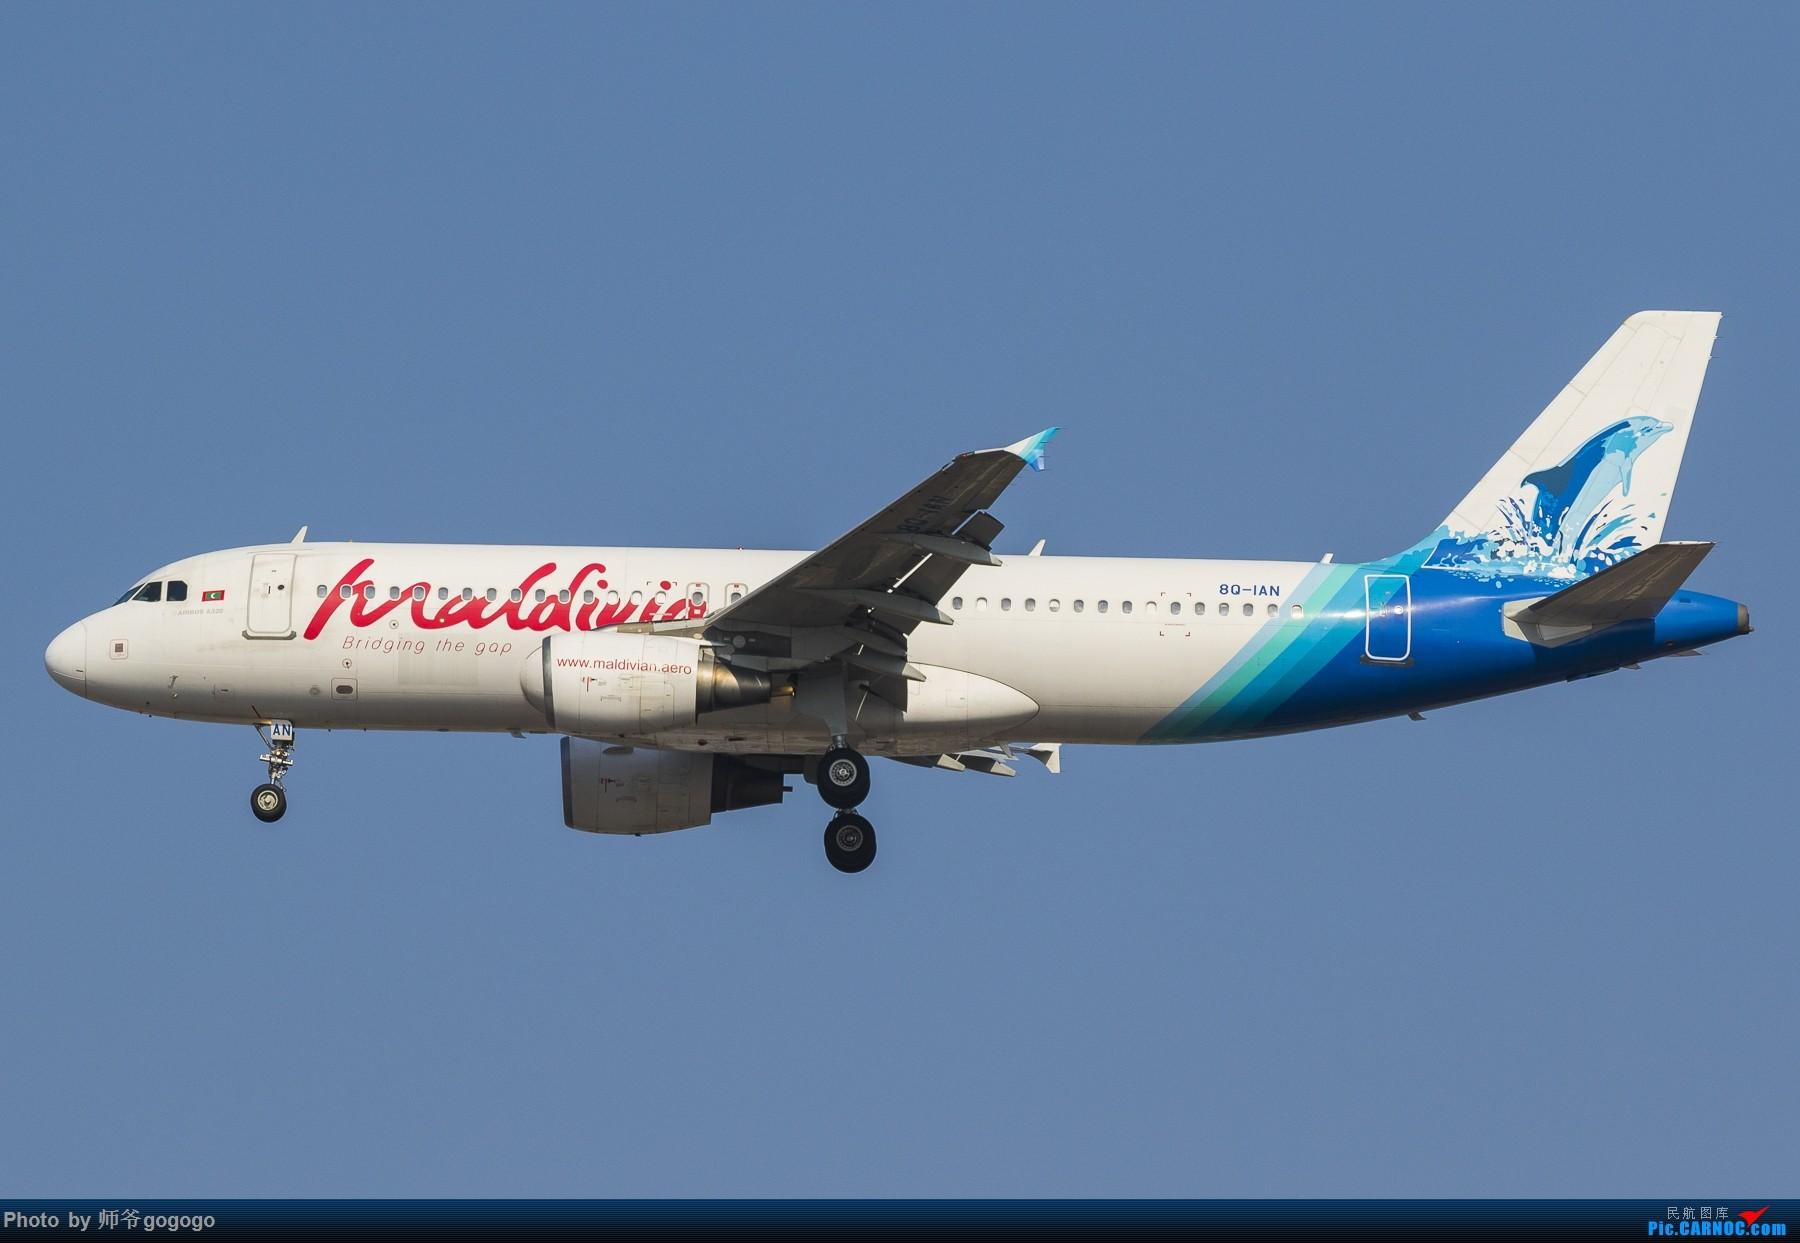 [原创]【一图党】马尔代夫国家航空的320 AIRBUS A320-200 8Q-IAN 中国重庆江北国际机场